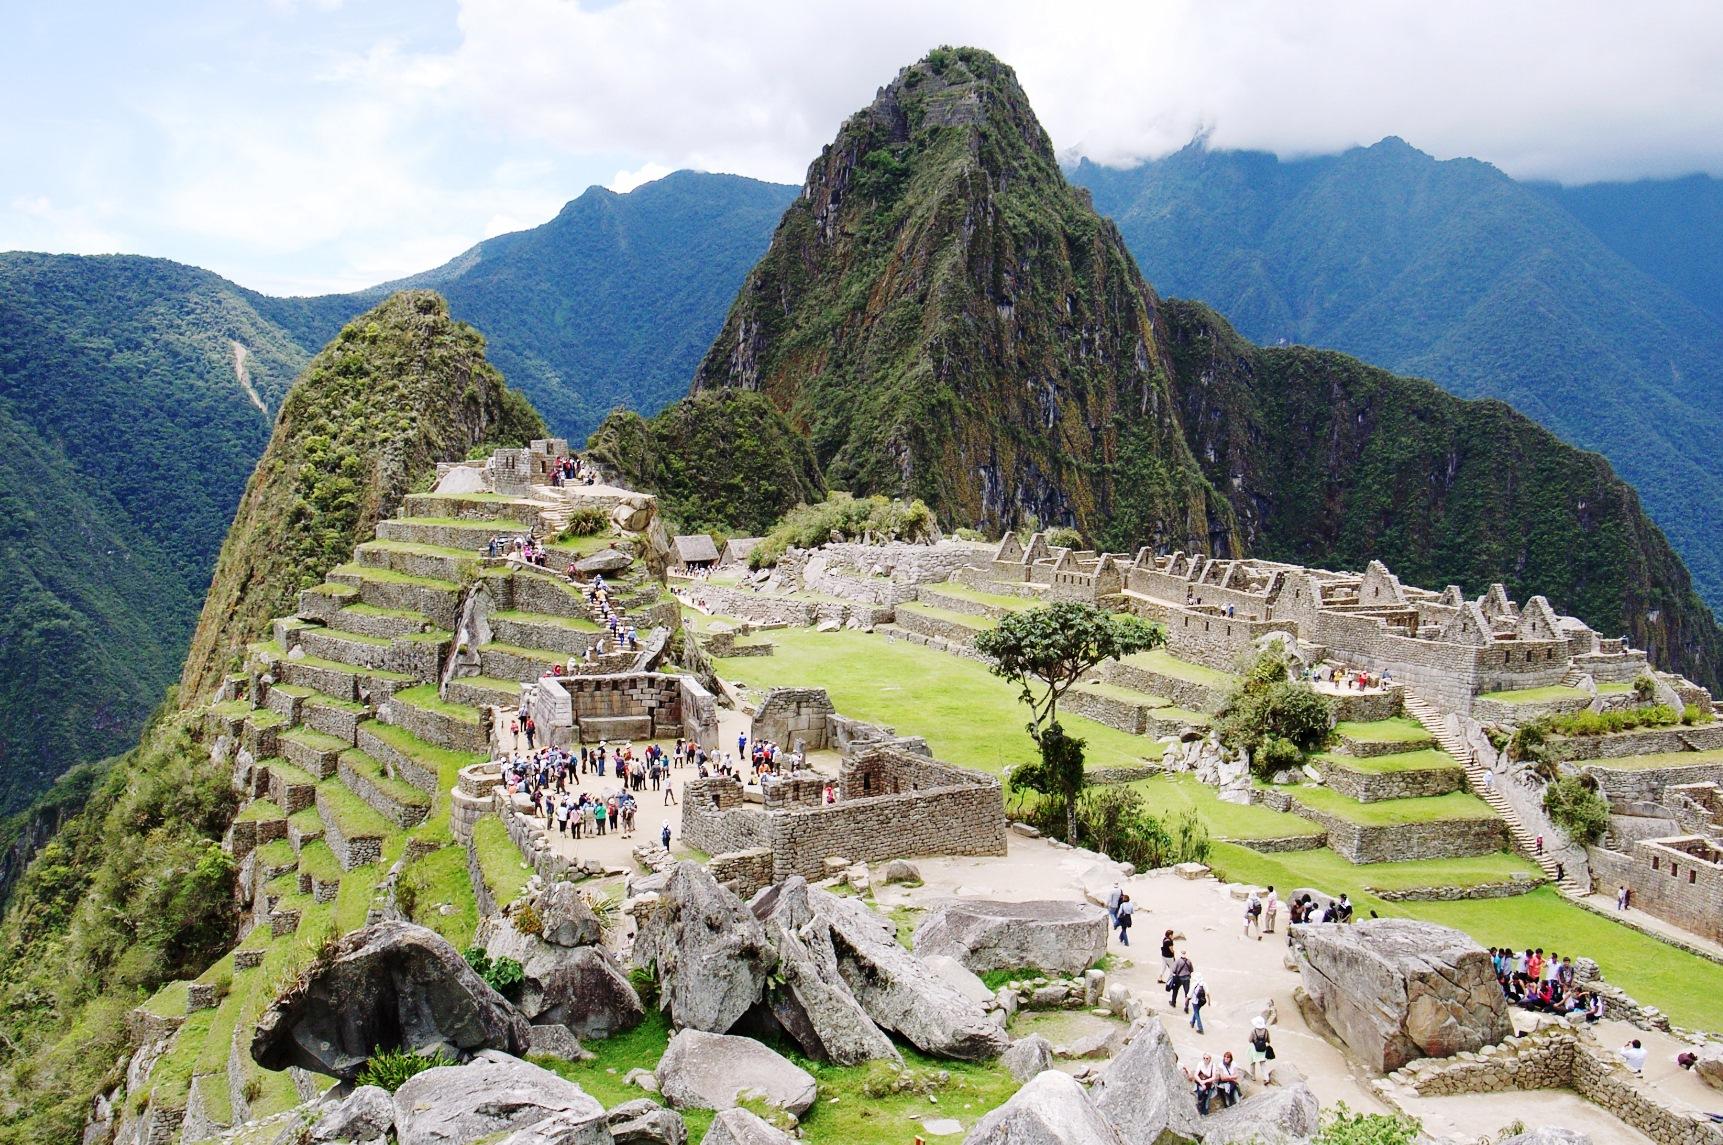 インカ時代そのままの姿が残るマチュピチュ遺跡